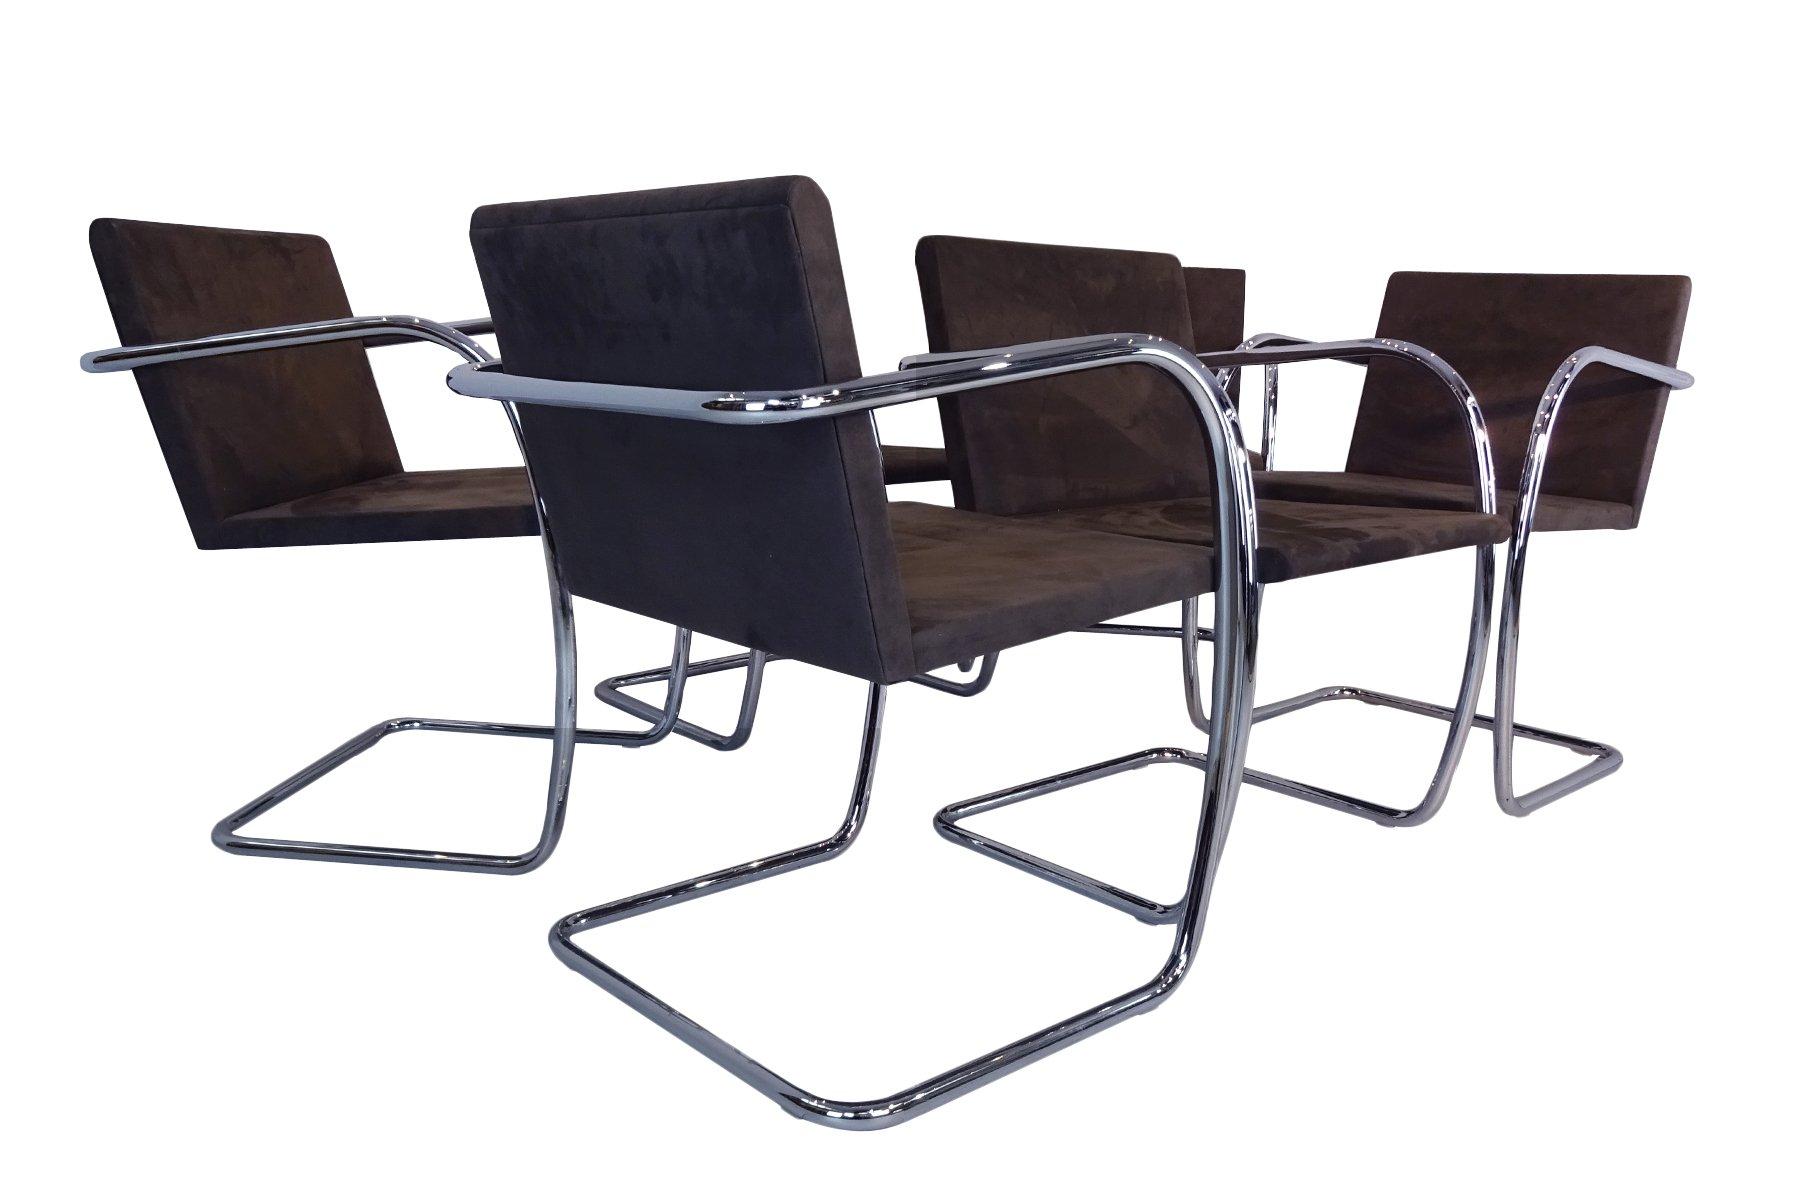 mr50 brno st hle aus stahlrohr wildleder von ludwig mies van der rohe f r knoll international. Black Bedroom Furniture Sets. Home Design Ideas